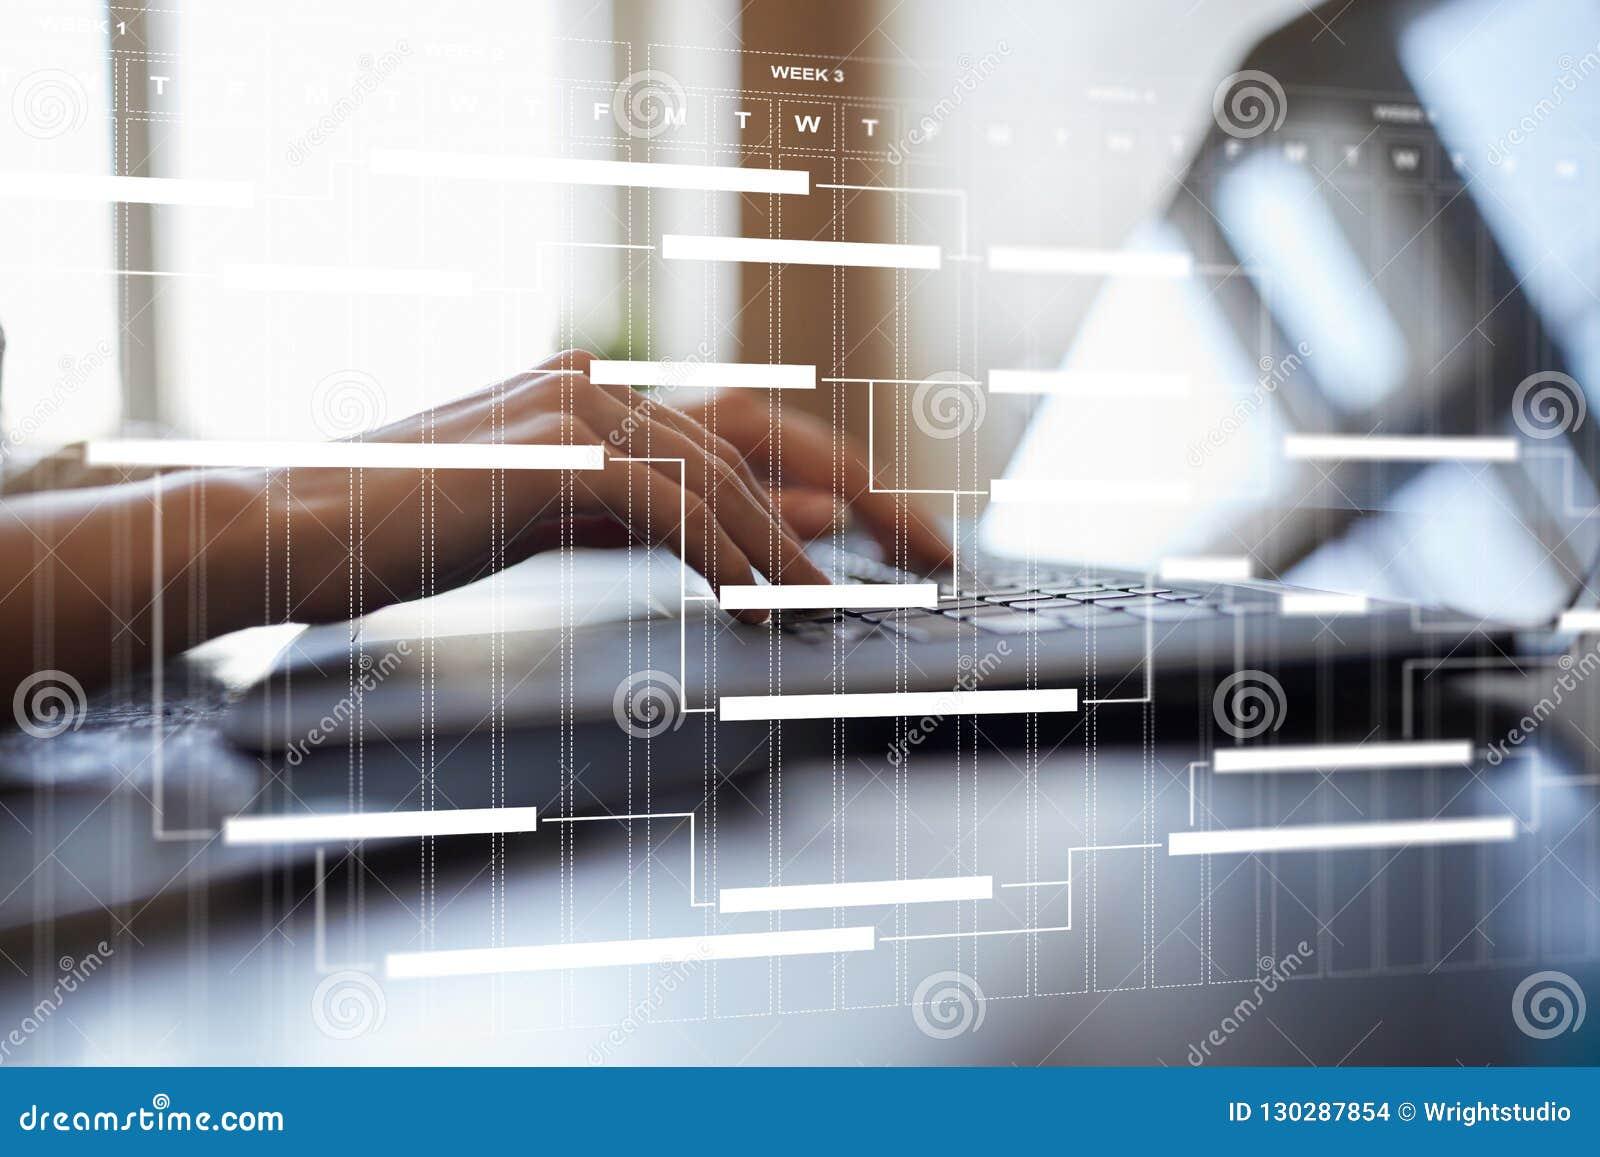 Carta de la gestión del proyecto en la pantalla virtual horario Cronología